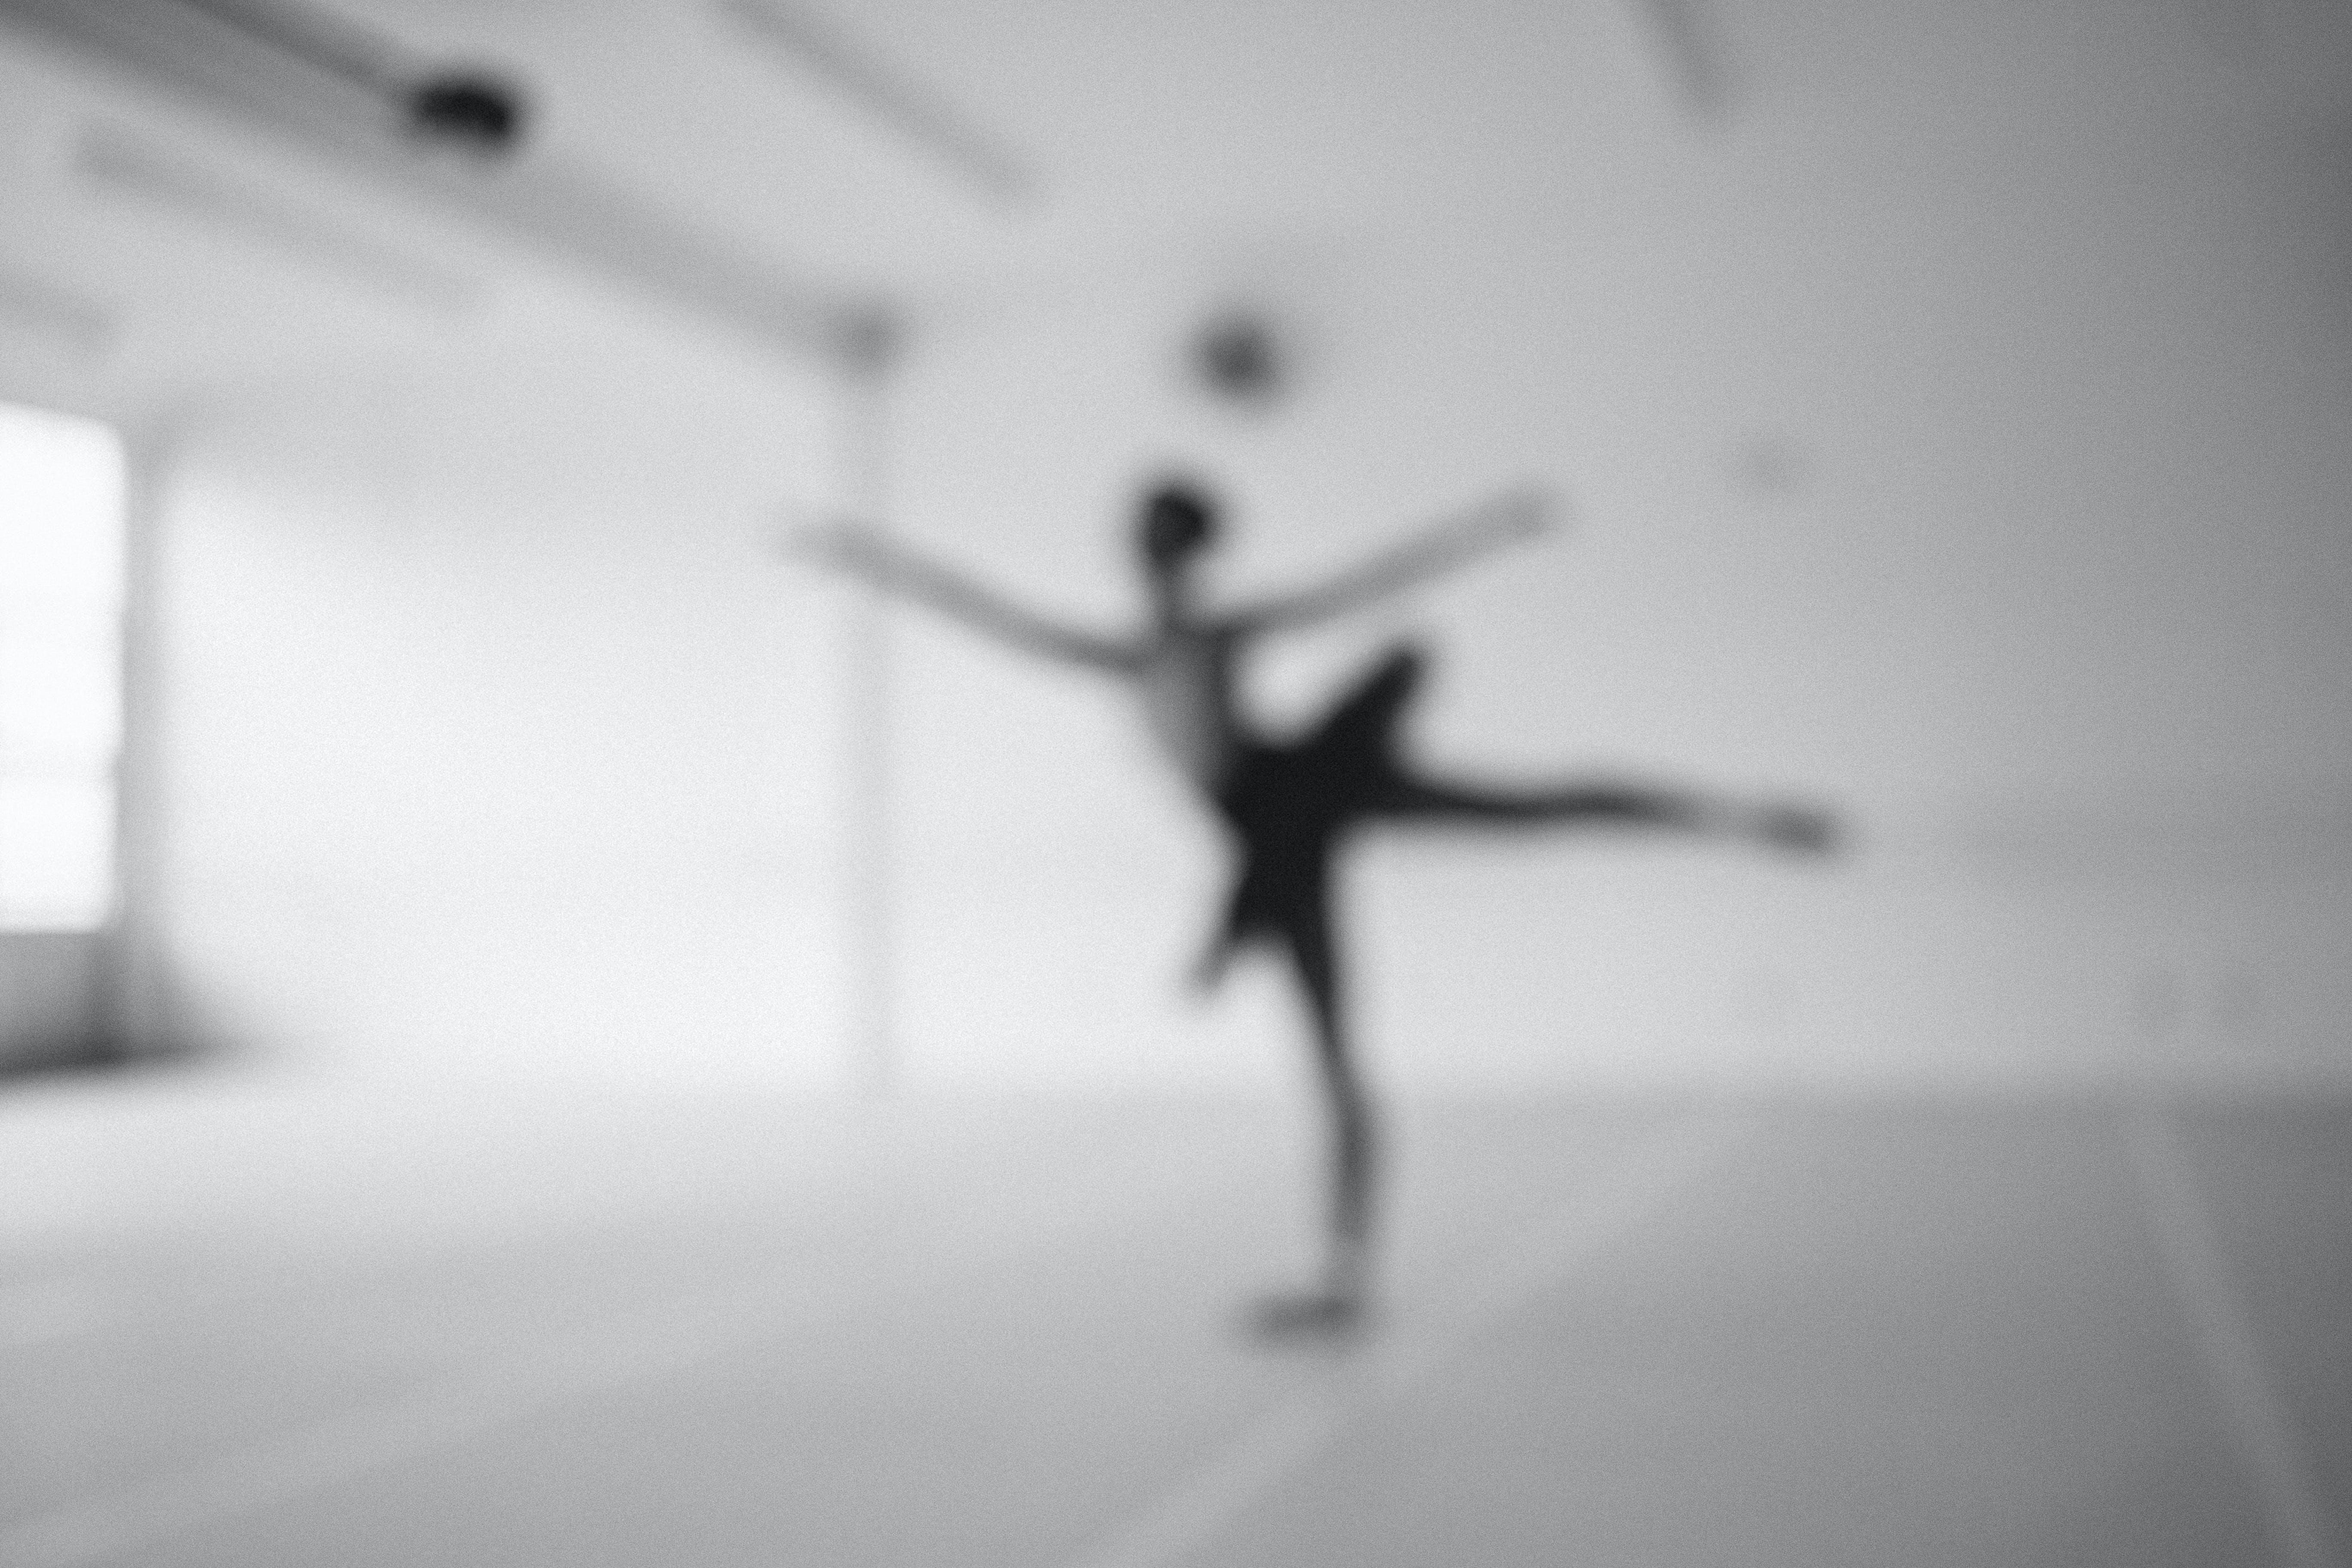 Δωρεάν στοκ φωτογραφιών με μπαλαρίνα, μπαλαρίνες, χορευτική τέχνη, χορεύτρια